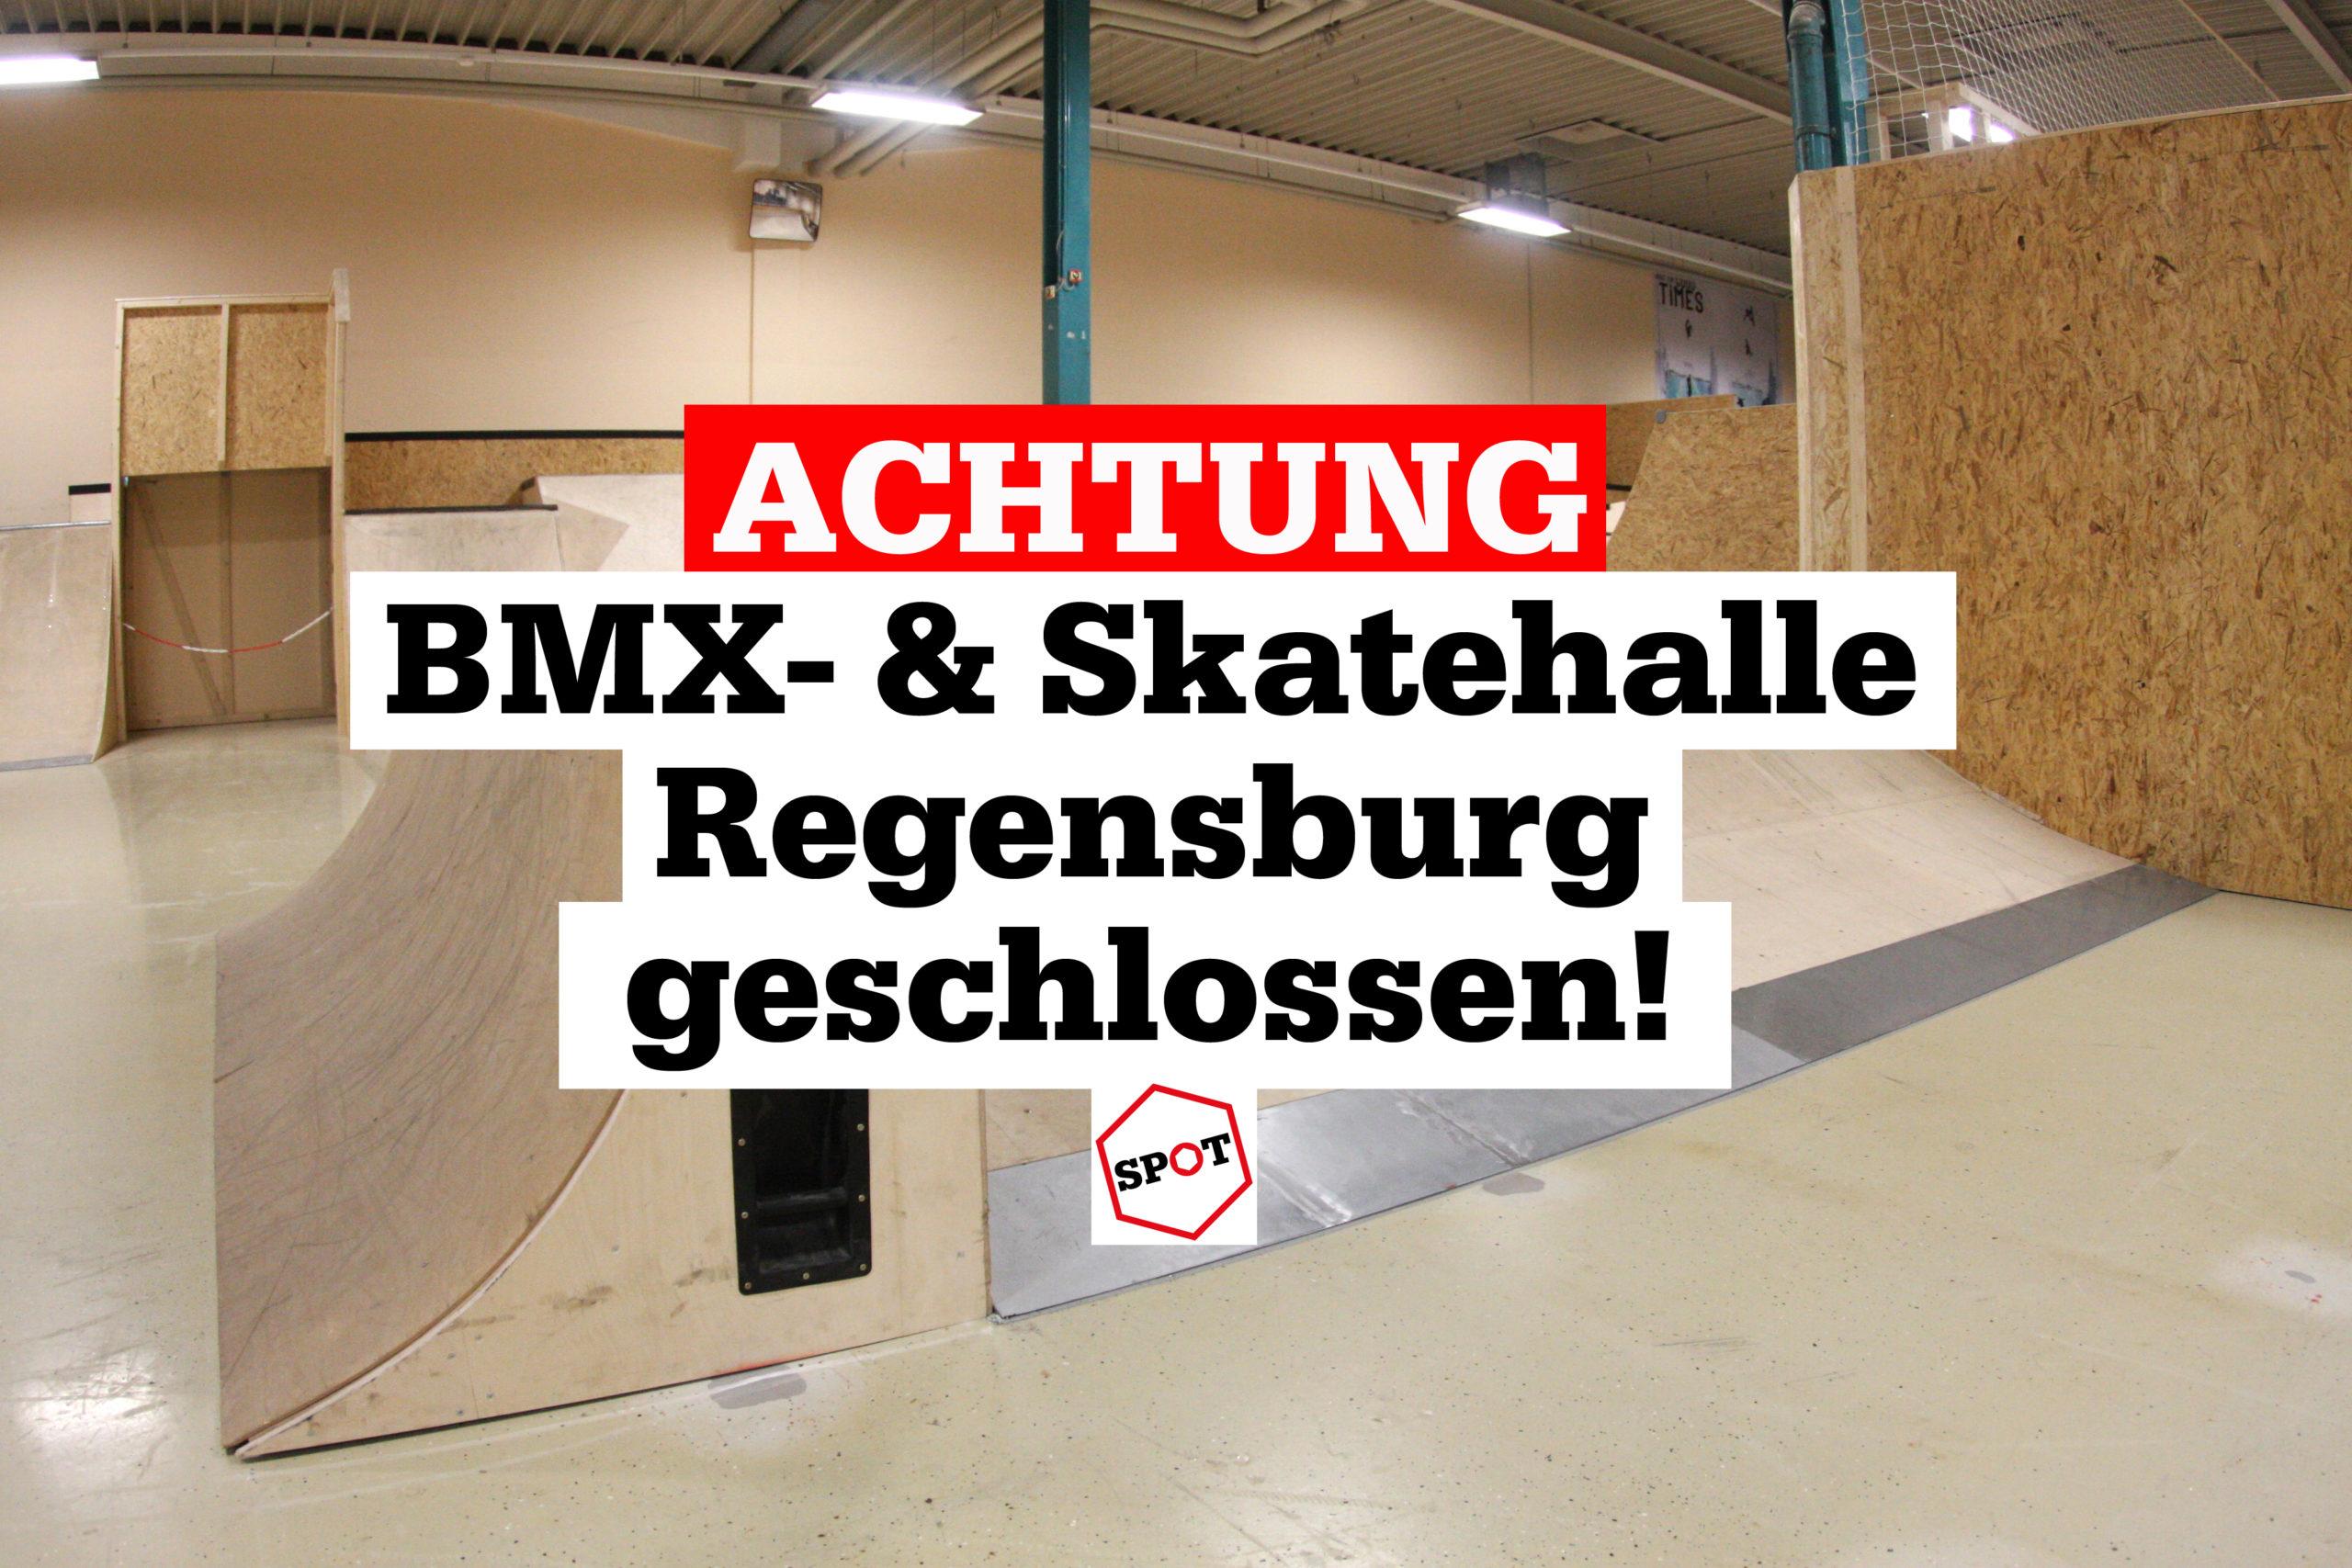 Die BMX- und Skatehalle Regensburg ist derzeit geschlossen.